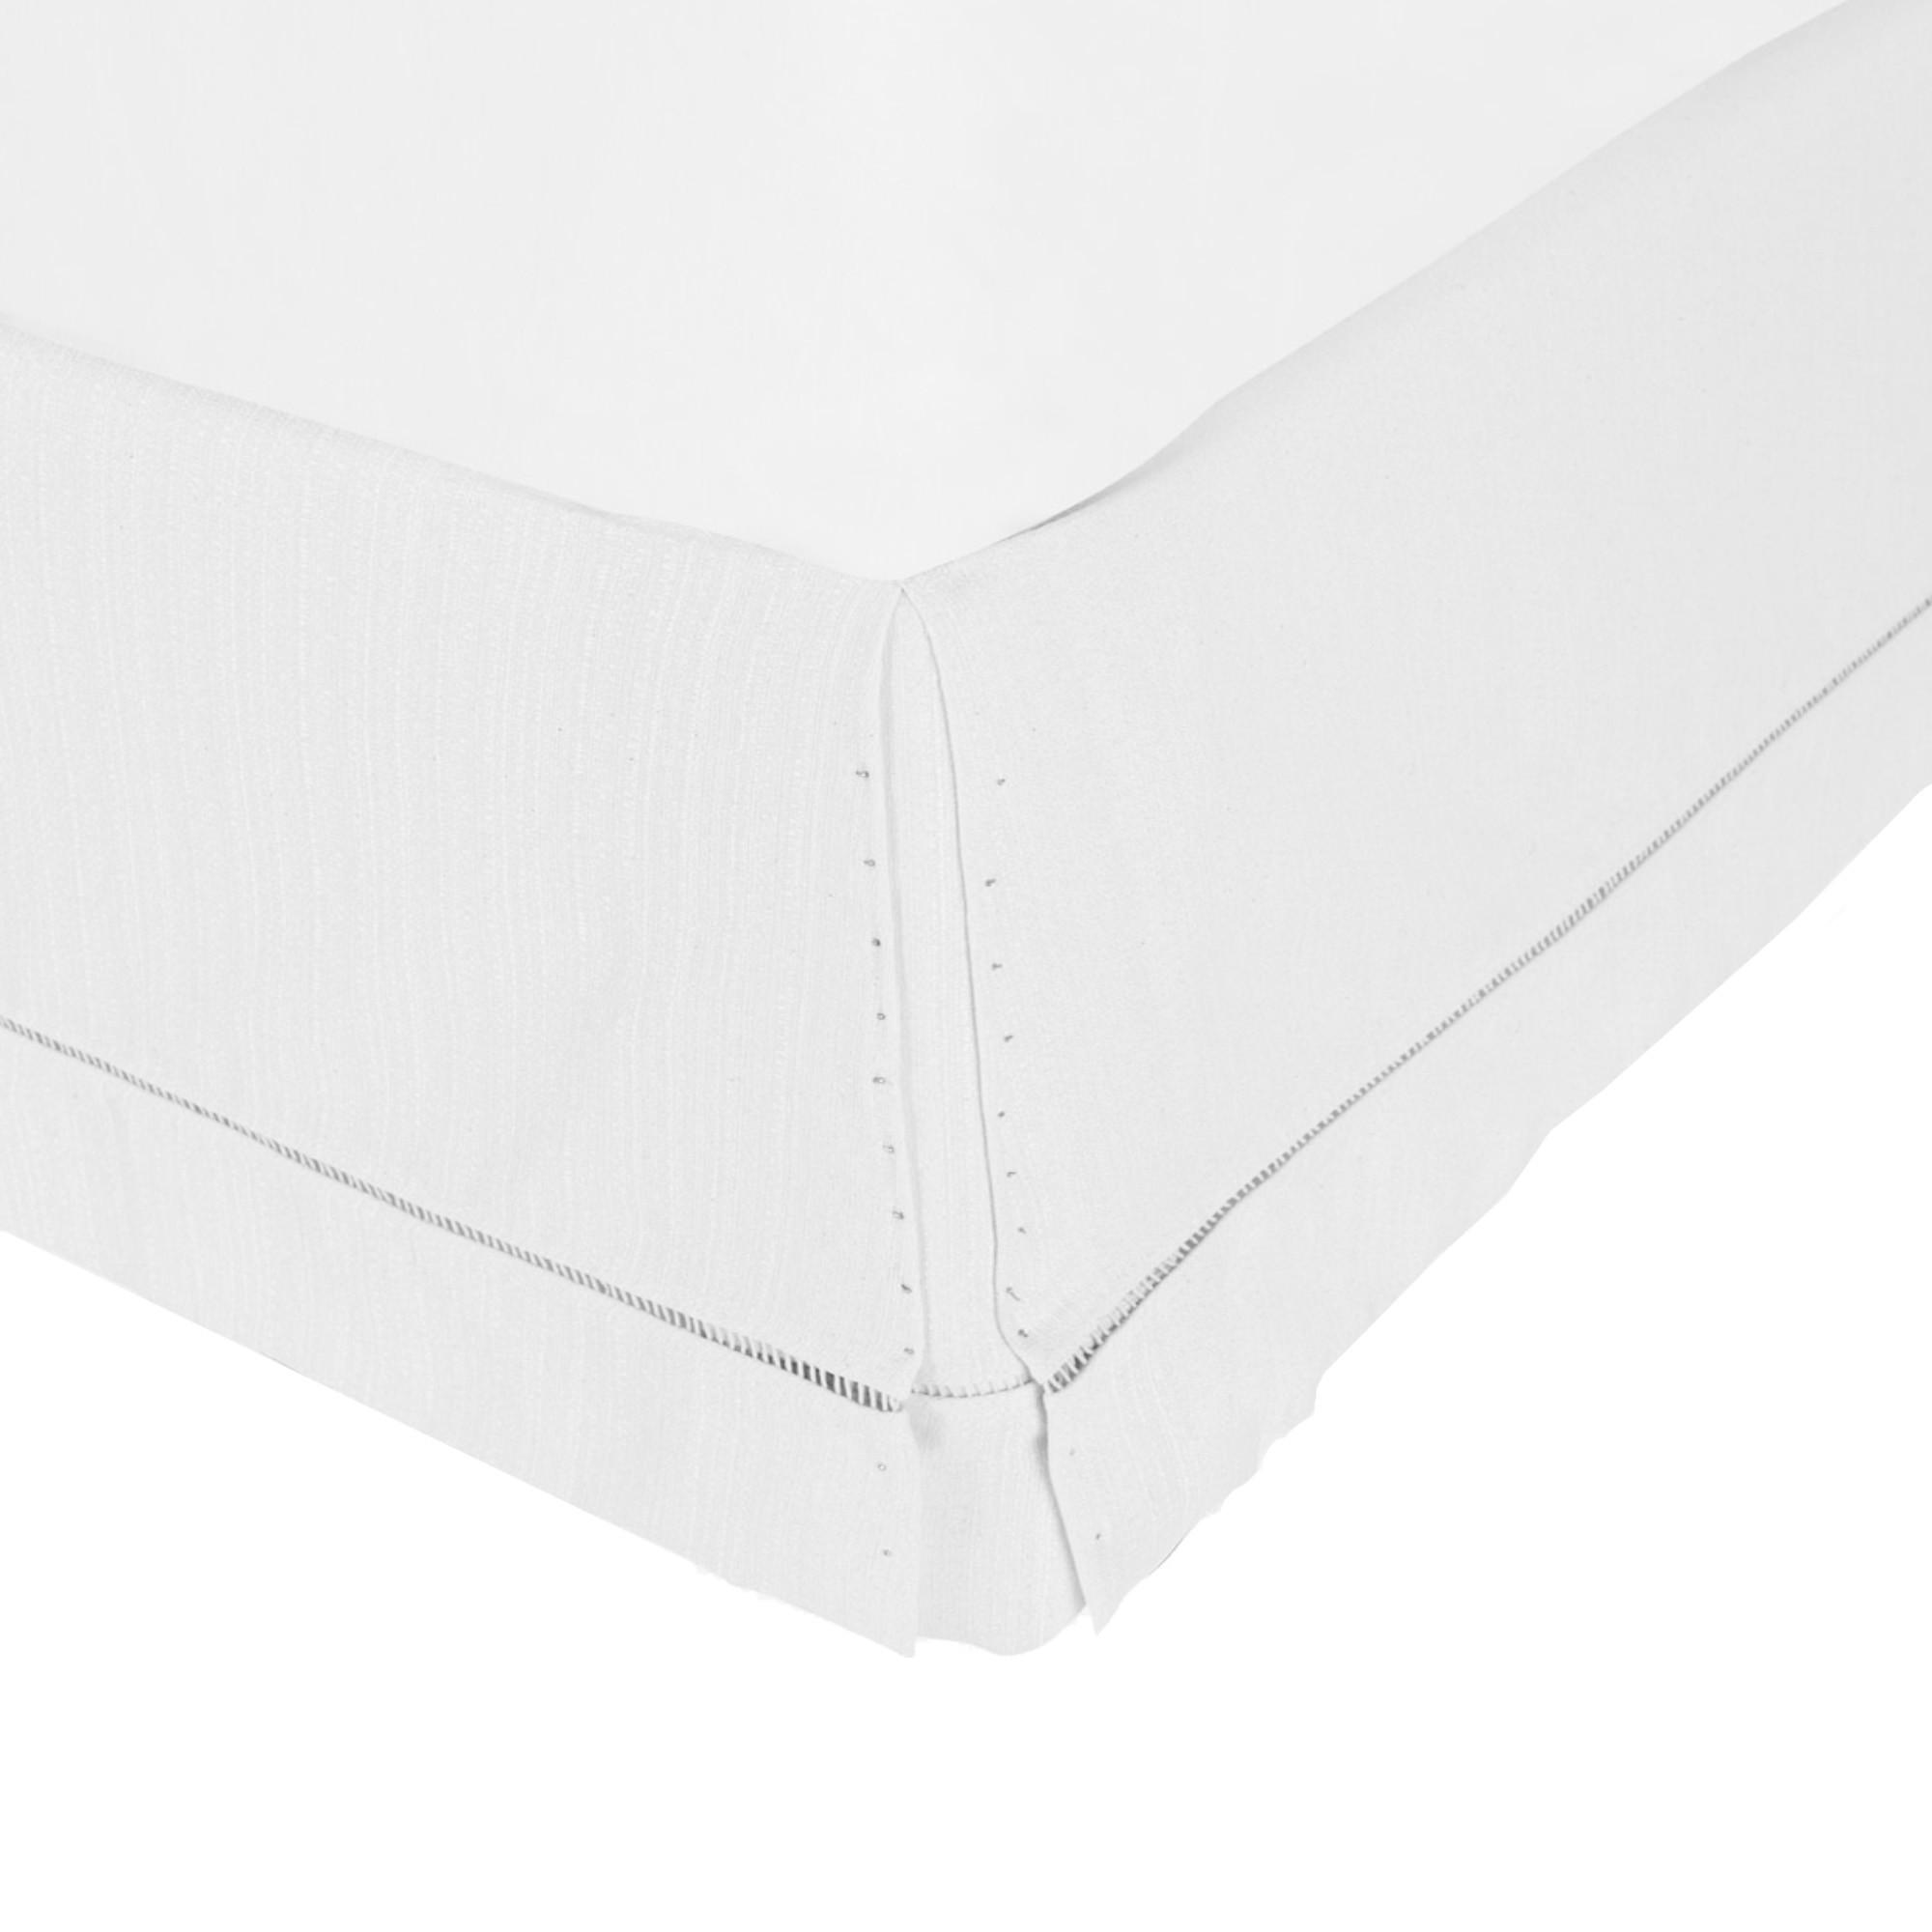 Saia para Cama Box com Ponto Palito Branca [King 193 x 203 cm]